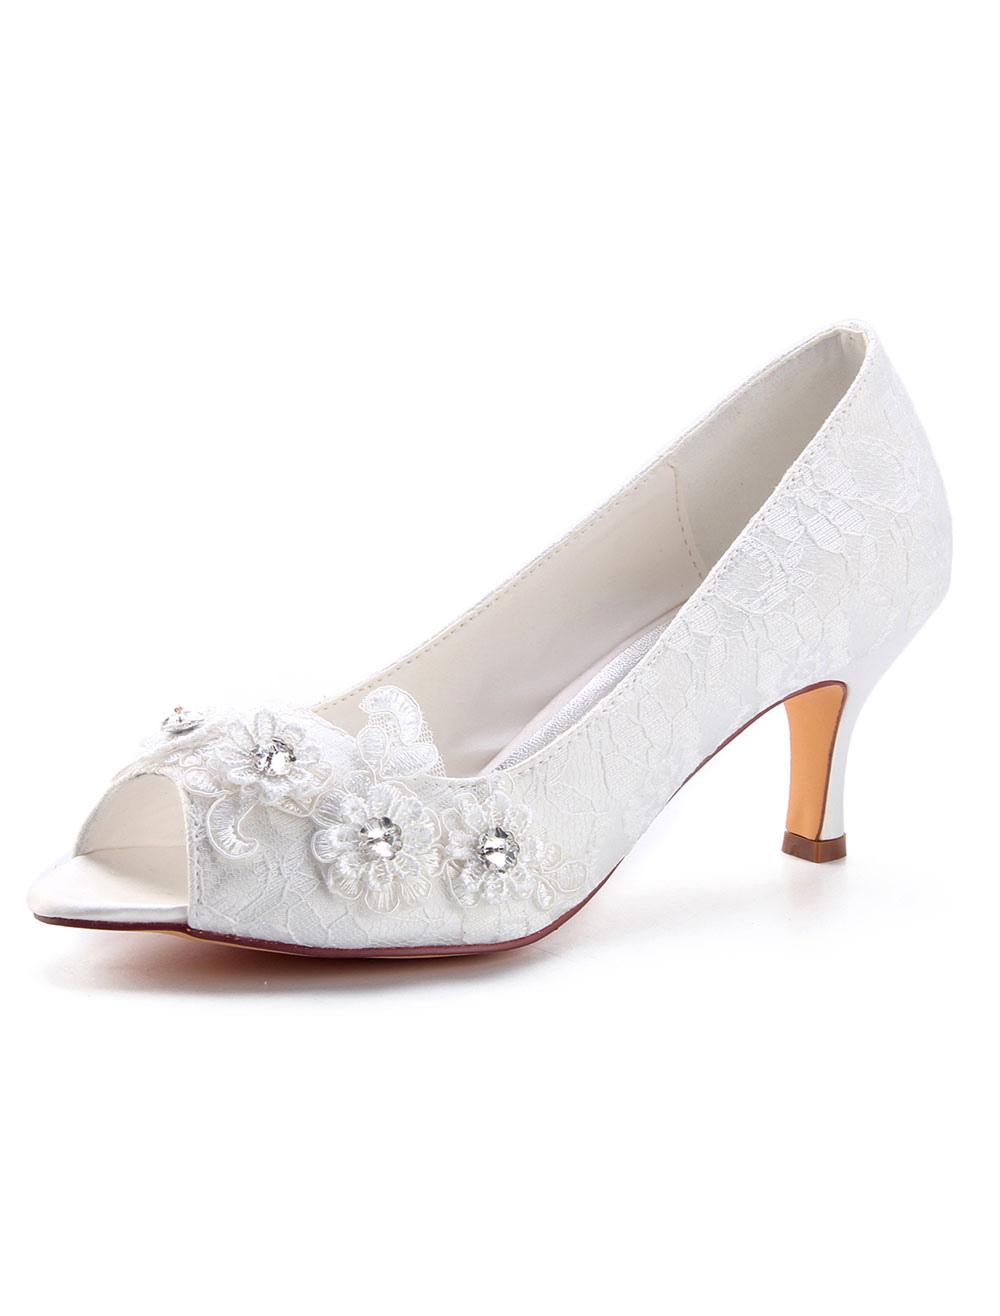 87eff5c88ab62 Perlen Schuhe Großhandel Perlen Schuhe Online | Milanoo.com